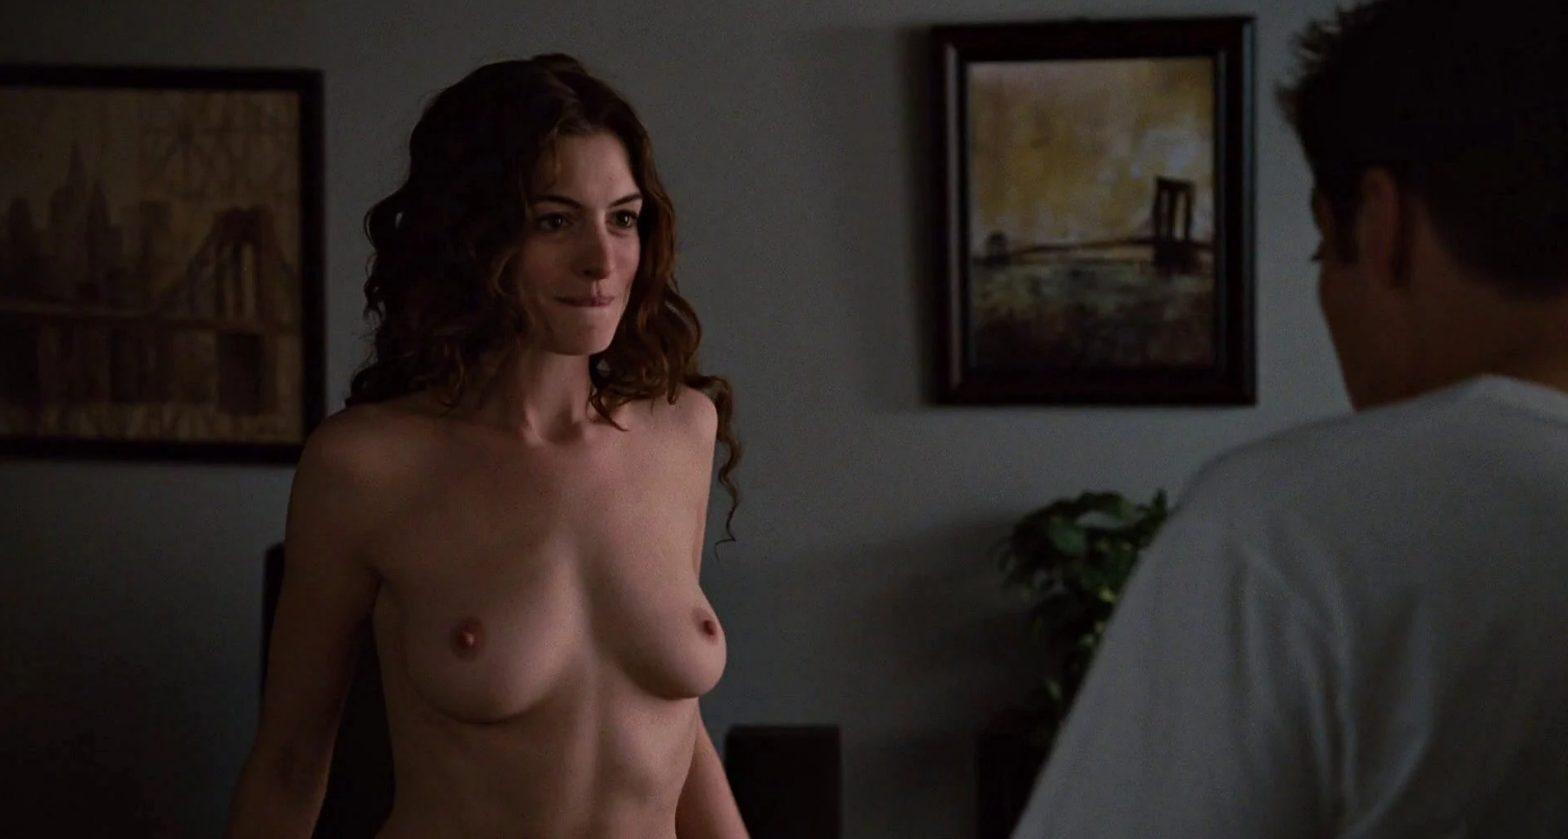 anne hathway topless